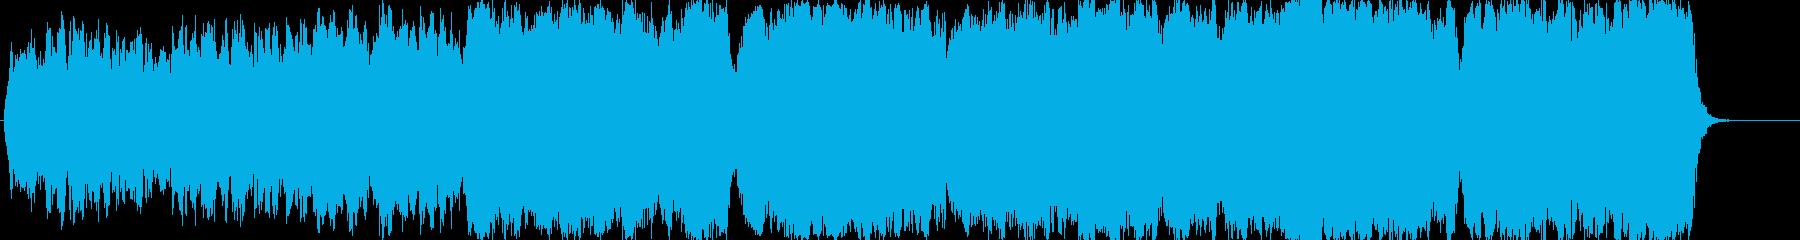 哀愁のあるストリングスオーケストラ曲の再生済みの波形